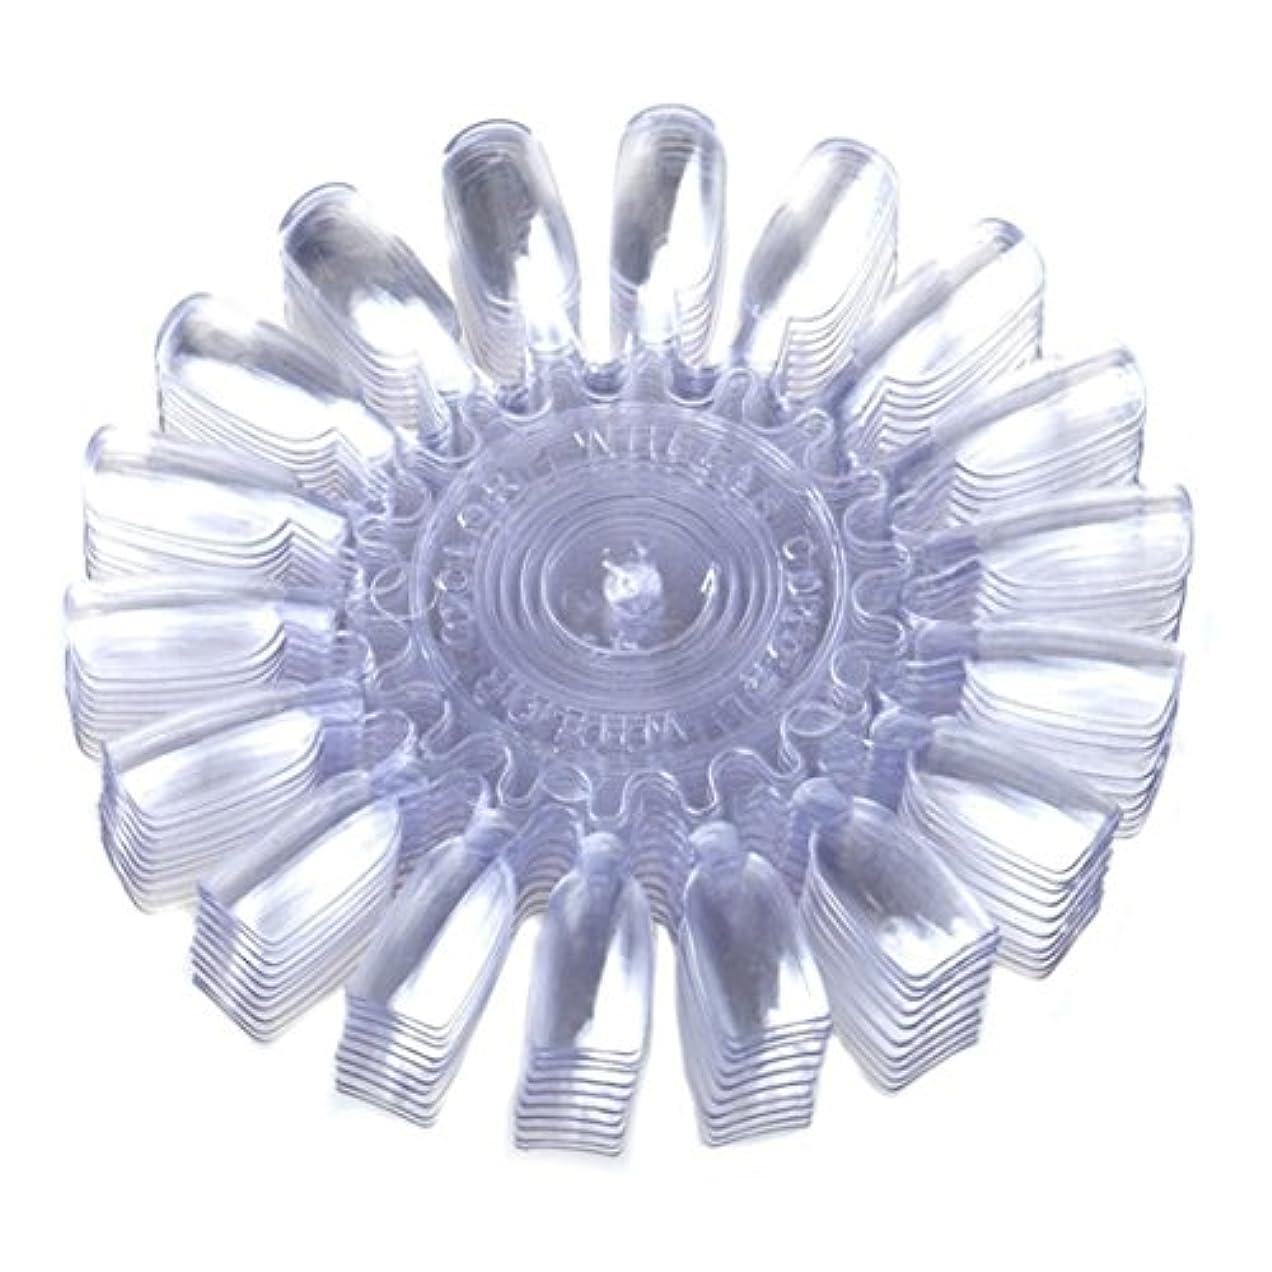 南極想像力信頼性のあるSODIAL 10個 メークアップ化粧ネイル ポーランドカラーカートゥーンカラーチャート 18ディスプレー クリアー